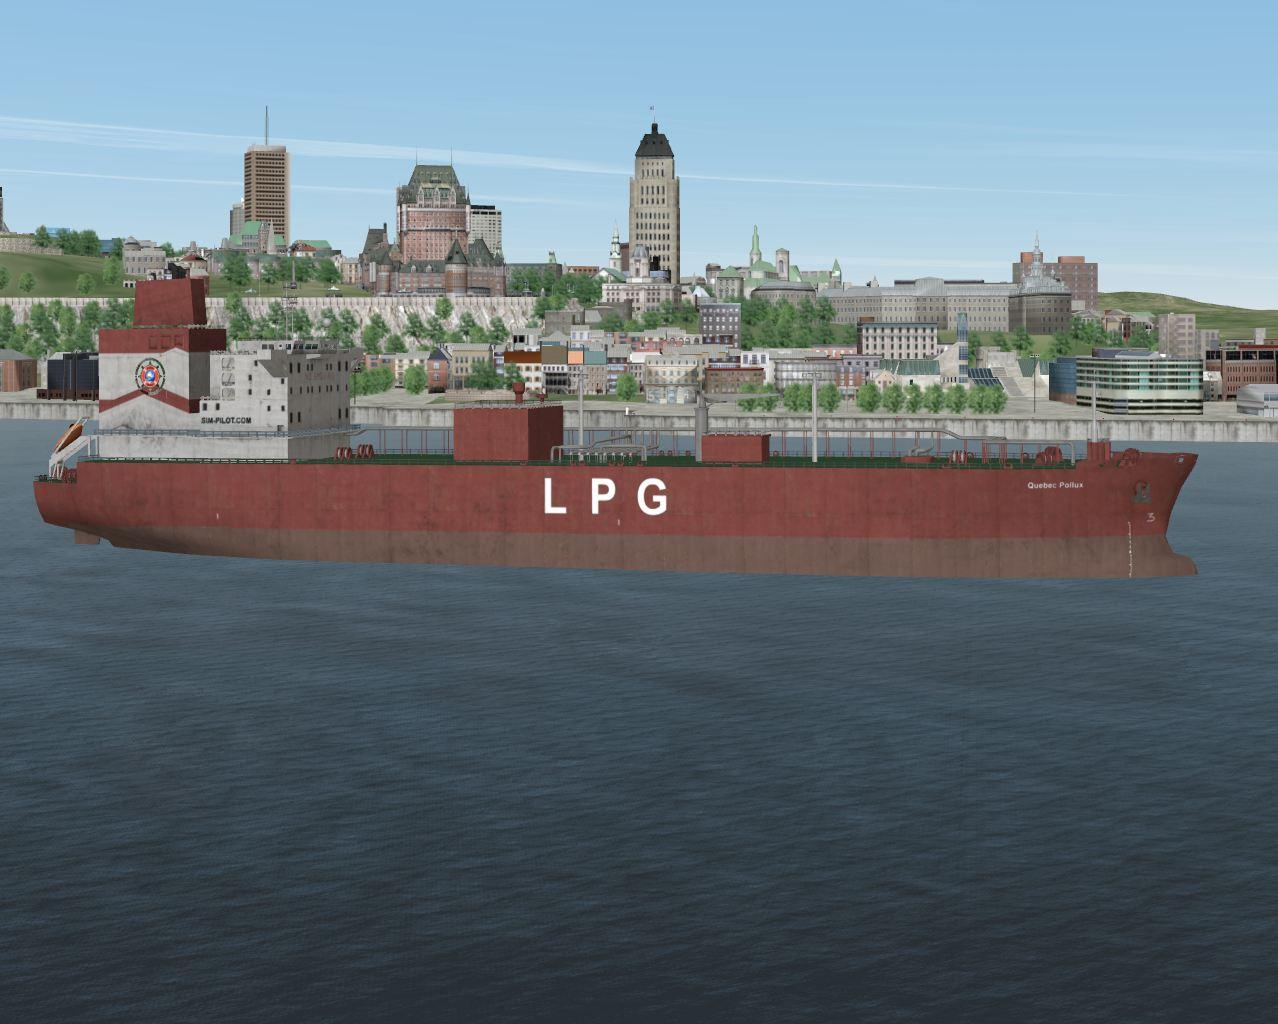 Quebec Pollux Image